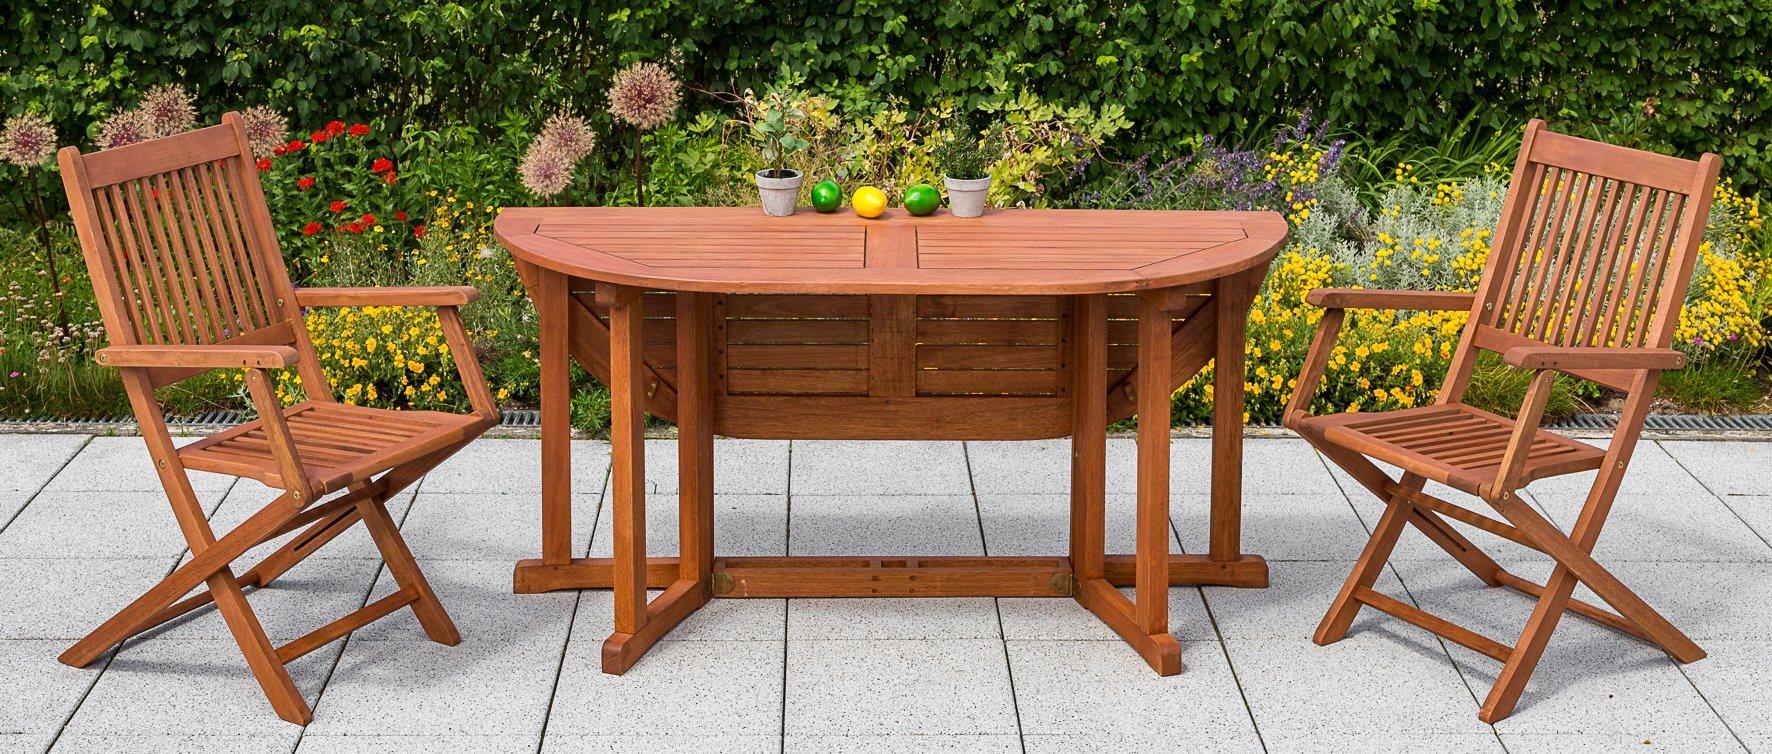 MERXX Gartentisch , Eukalyptus, klappbar, 150x100 cm, braun   Garten > Gartenmöbel > Gartentische   Akazie   MERXX